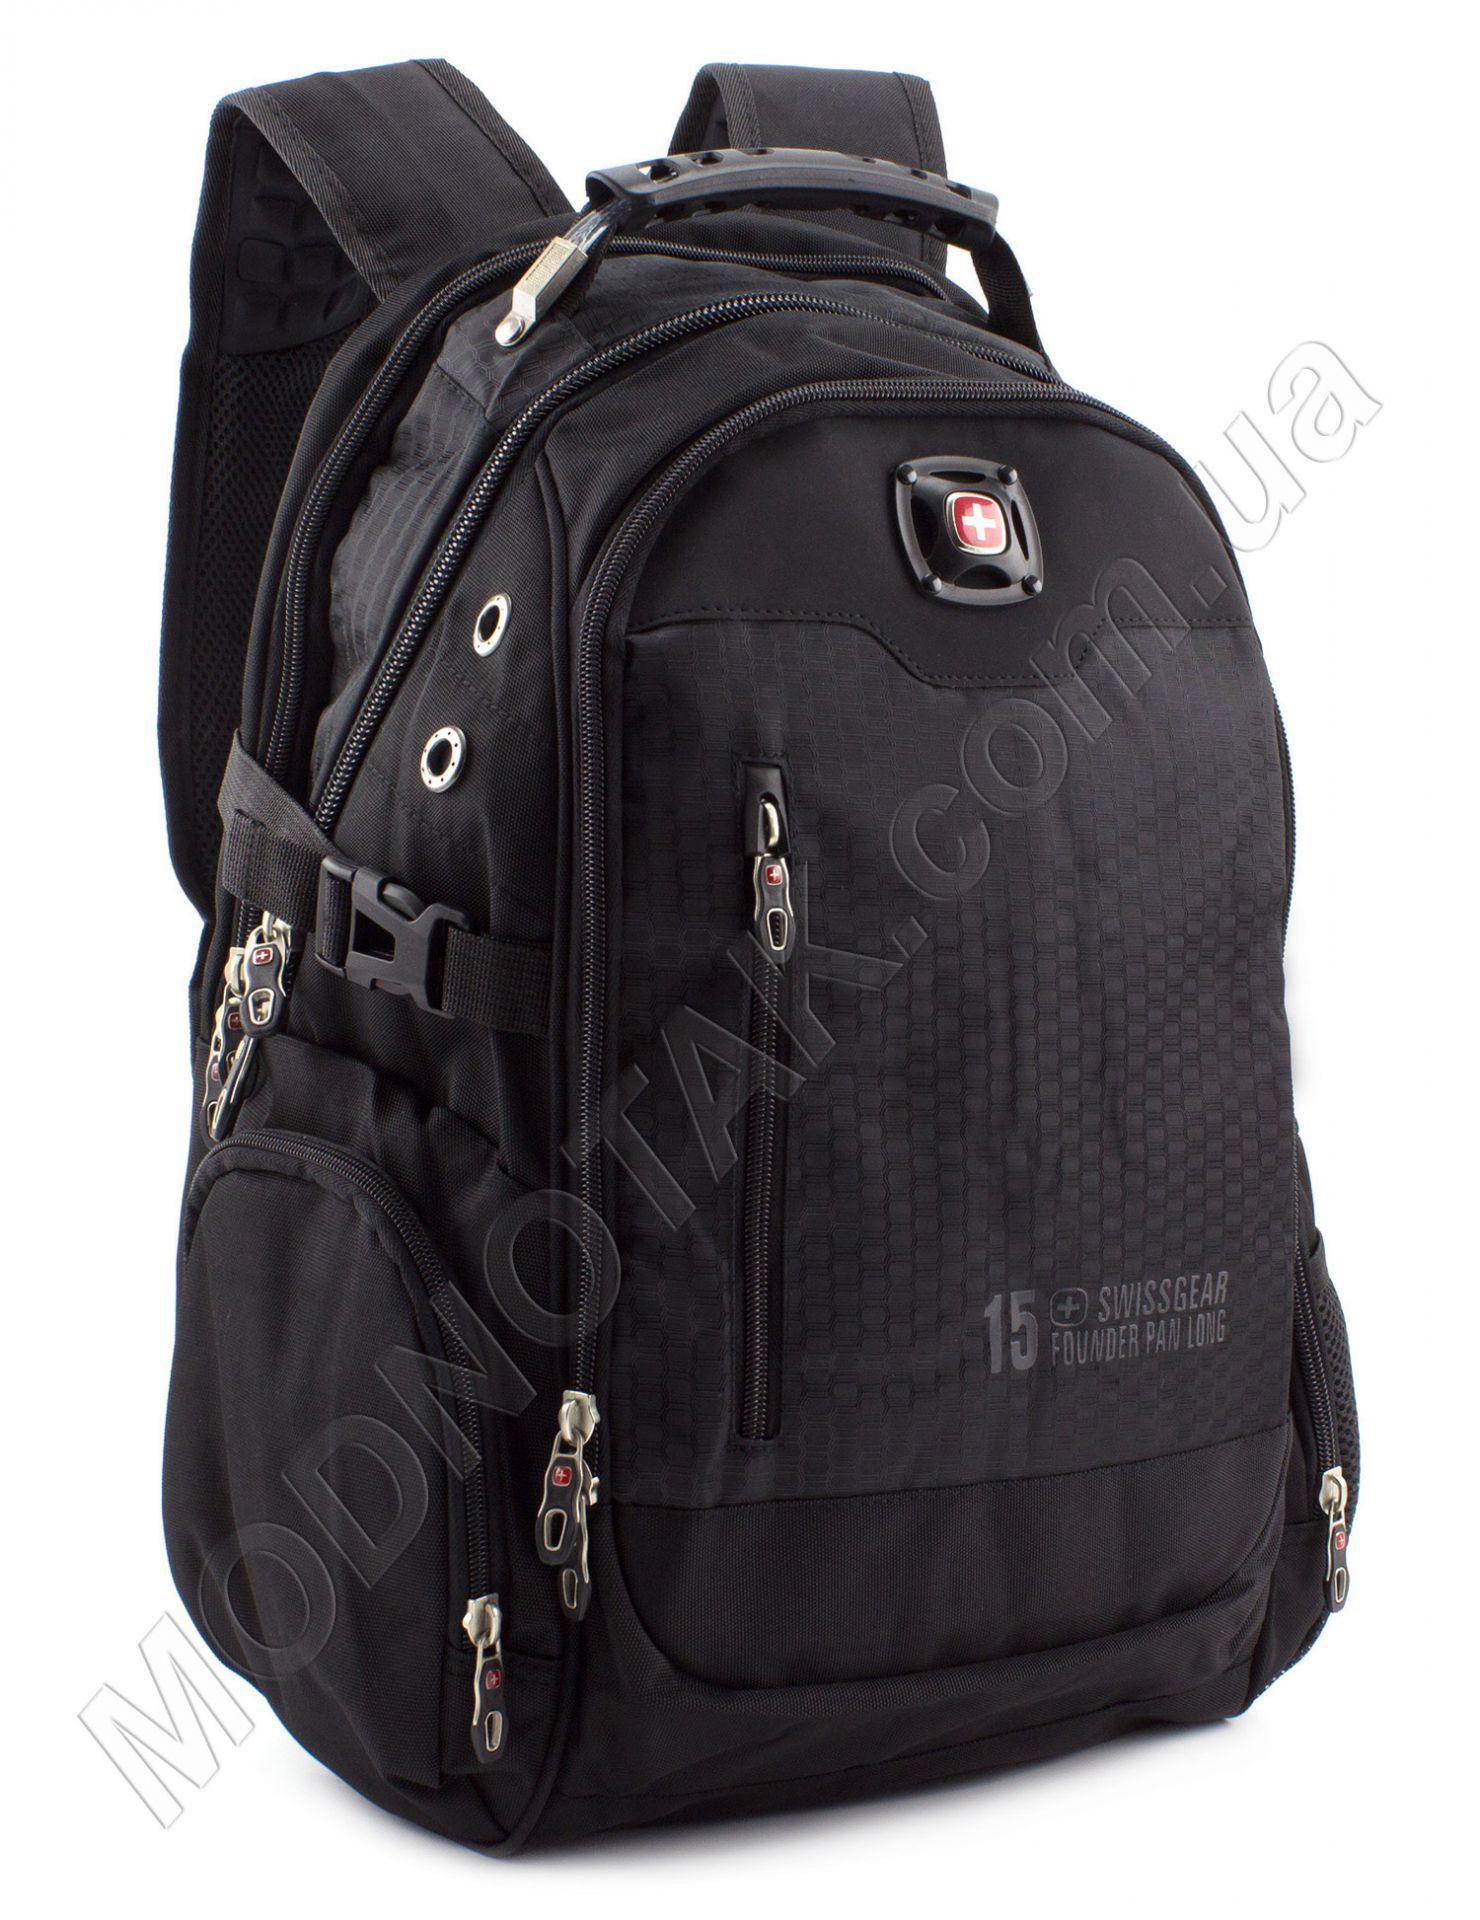 Рюкзак мужской городской повседневный для ноутбука купить рюкзак для подростка девочки в спб